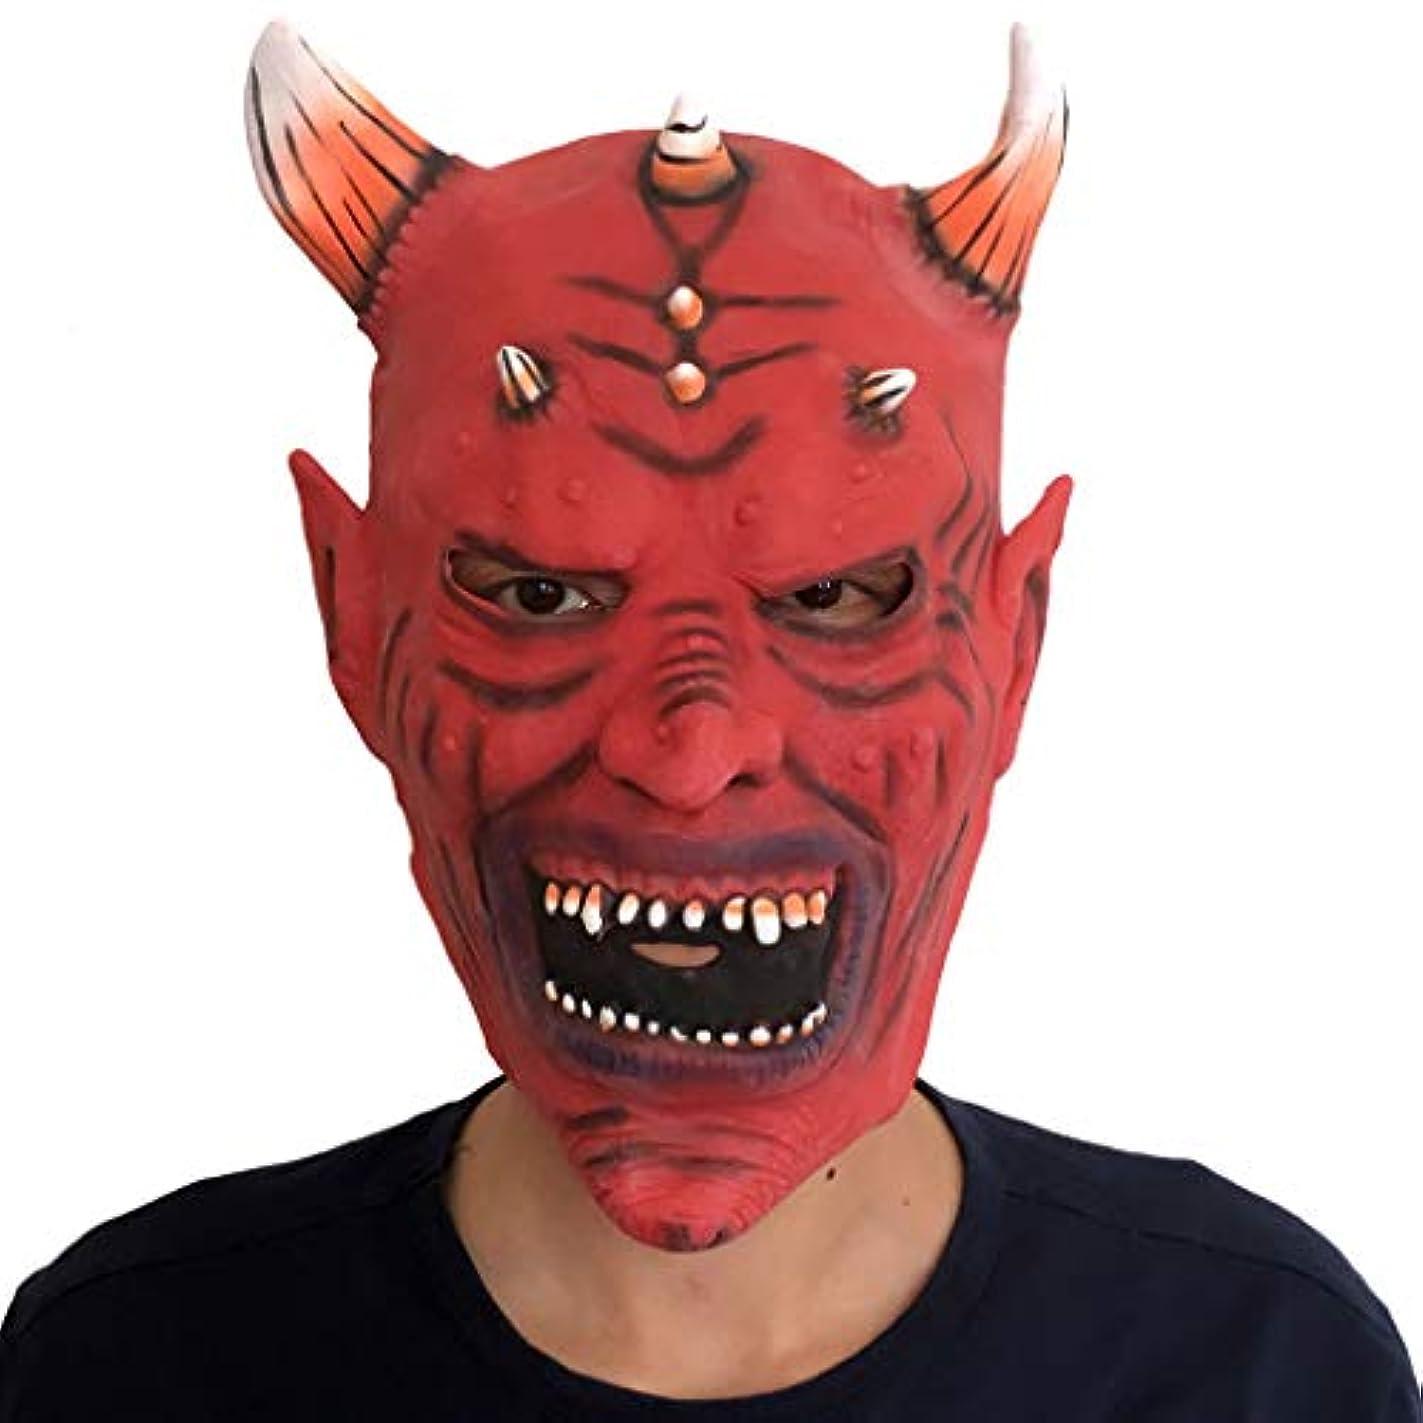 ありふれたフェロー諸島マスクハロウィーンホラーマスク牛悪魔マスクヘッドギアトリッキー仮装ブラックロングヘア悪魔マスクかぶと (Color : B)